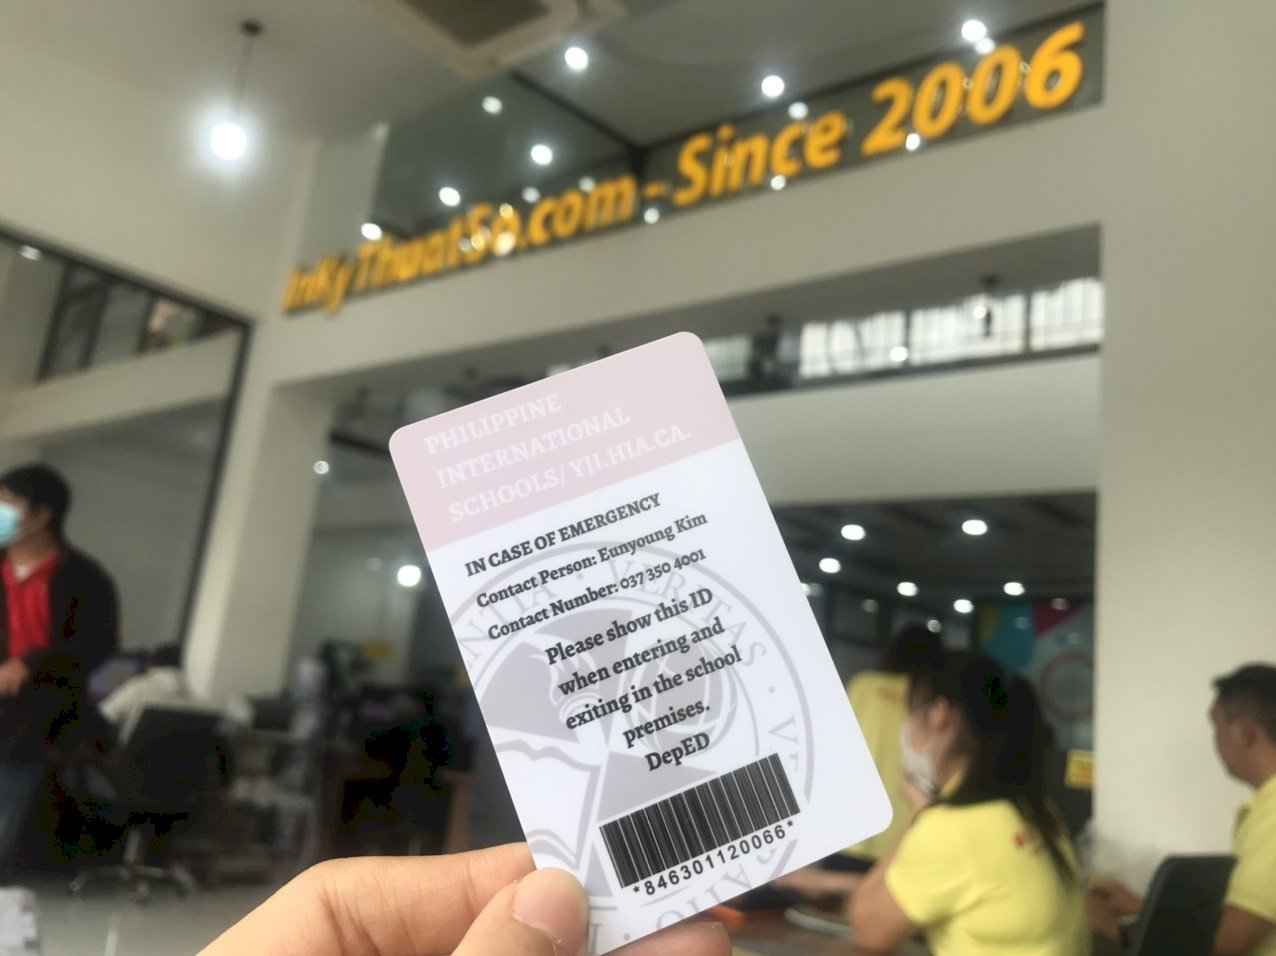 Thẻ nhựa học sinh trường quốc tế - mặt sau